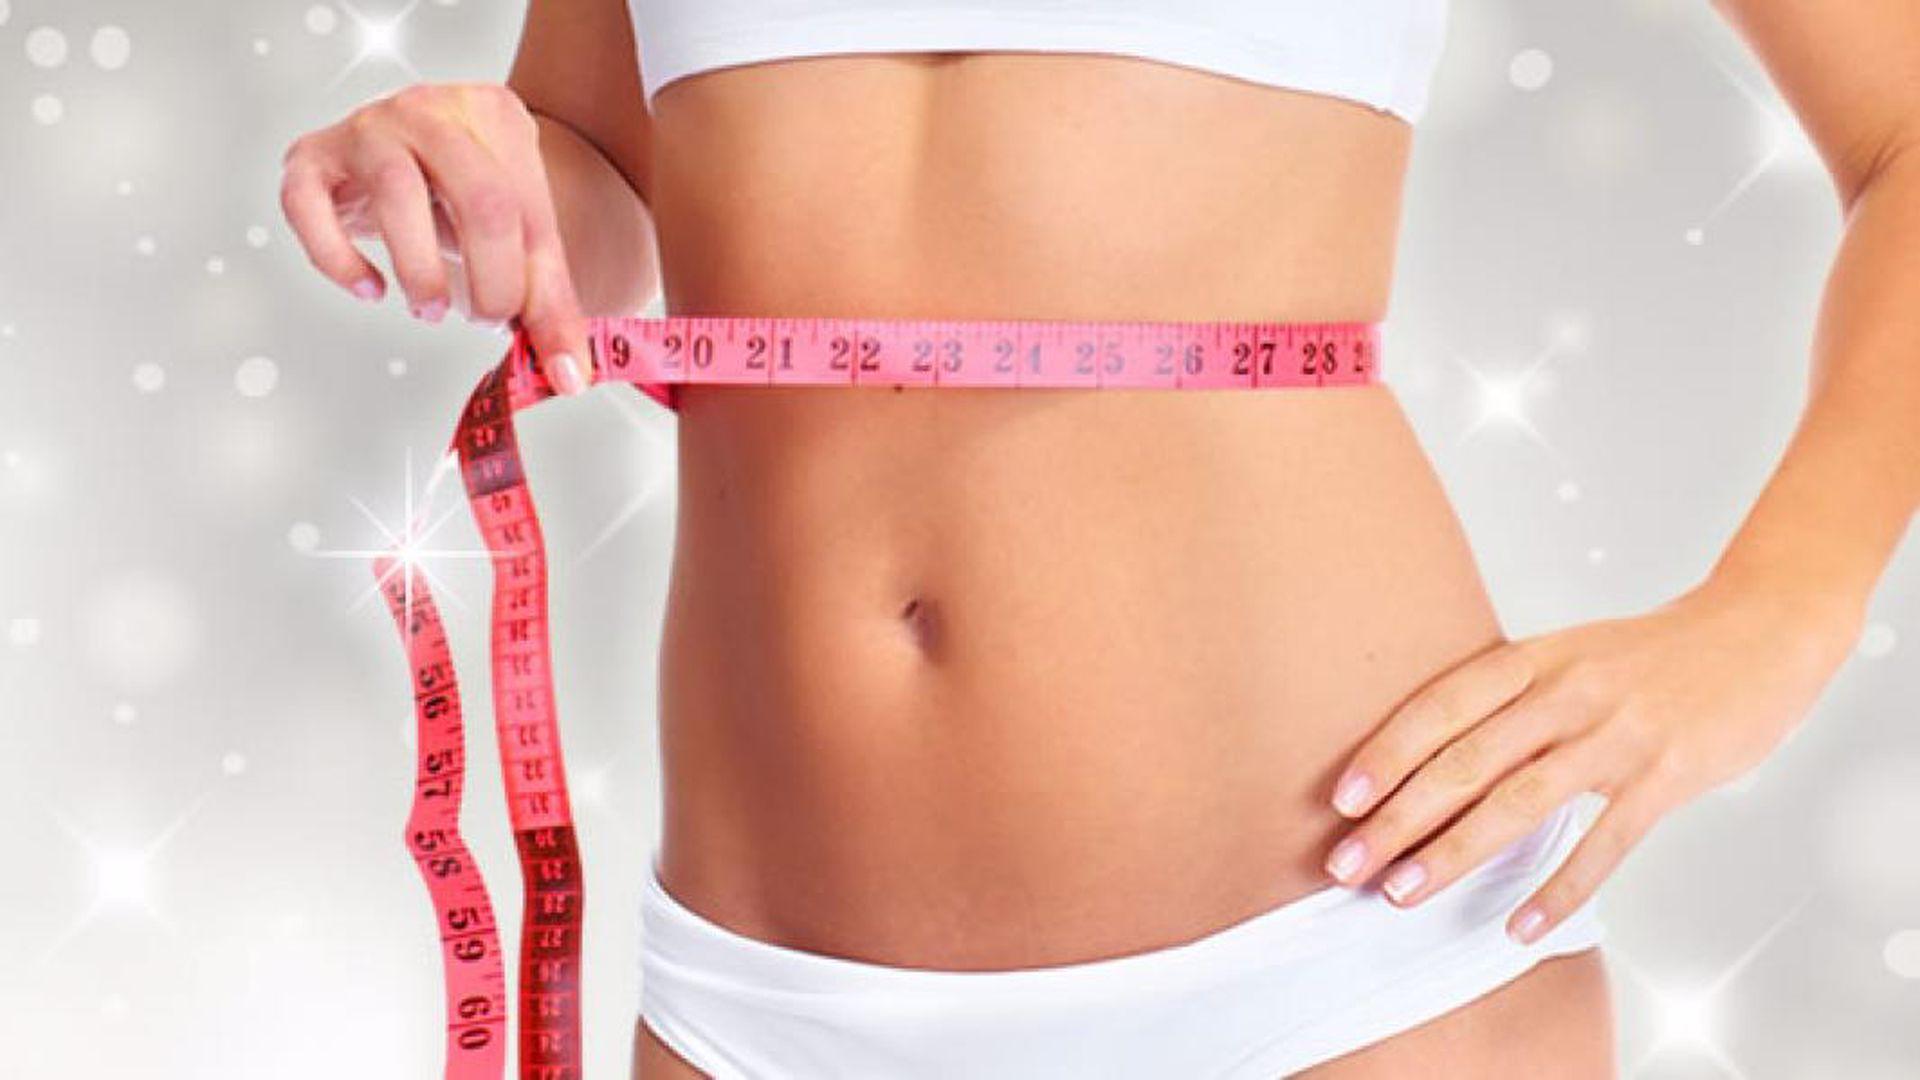 Cum să scăpăm de kilogramele acumulate de sărbători. Cele mai bune sfaturi pentru slăbit